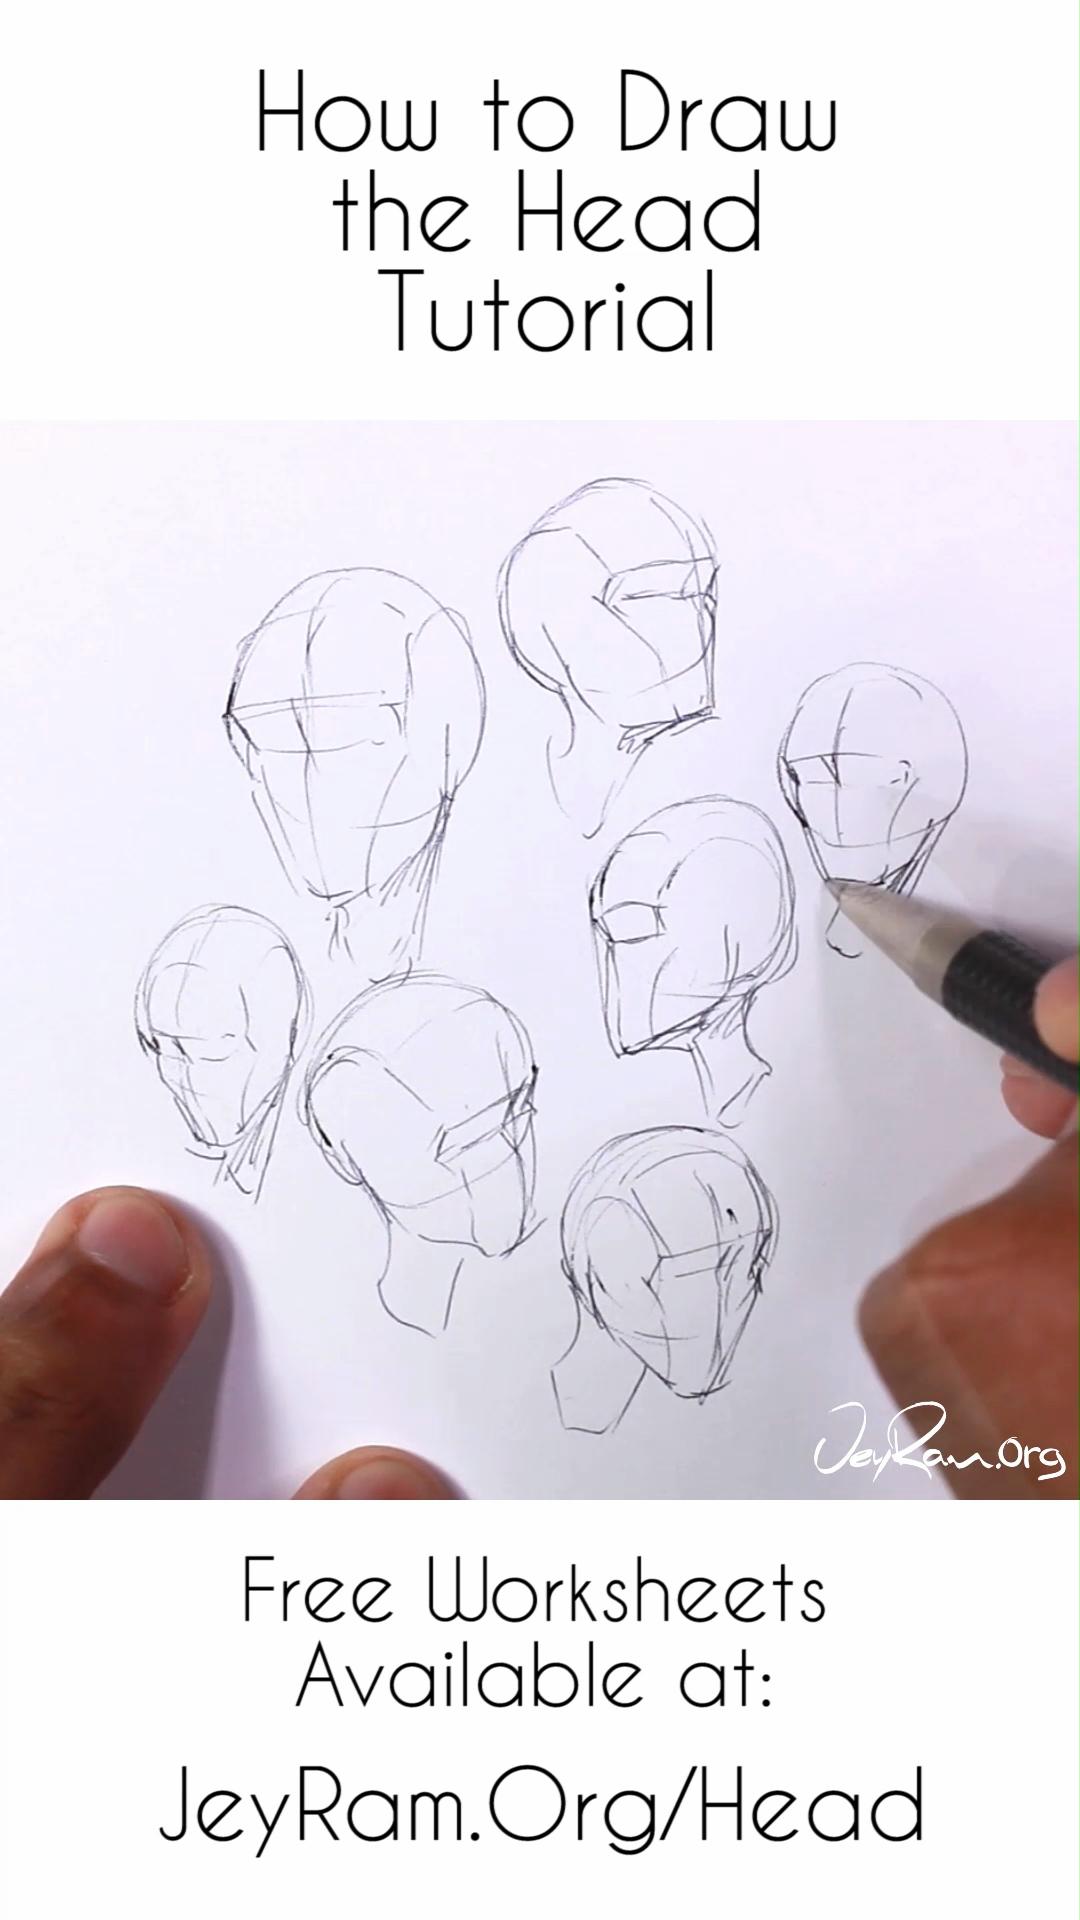 Como Dibujar La Cabecera Desde Cualquier Angulo Paso A Paso Tutorial Para Principiantes Como Dibujar Cosas Tutorial De Dibujo Dibujos Con Figuras